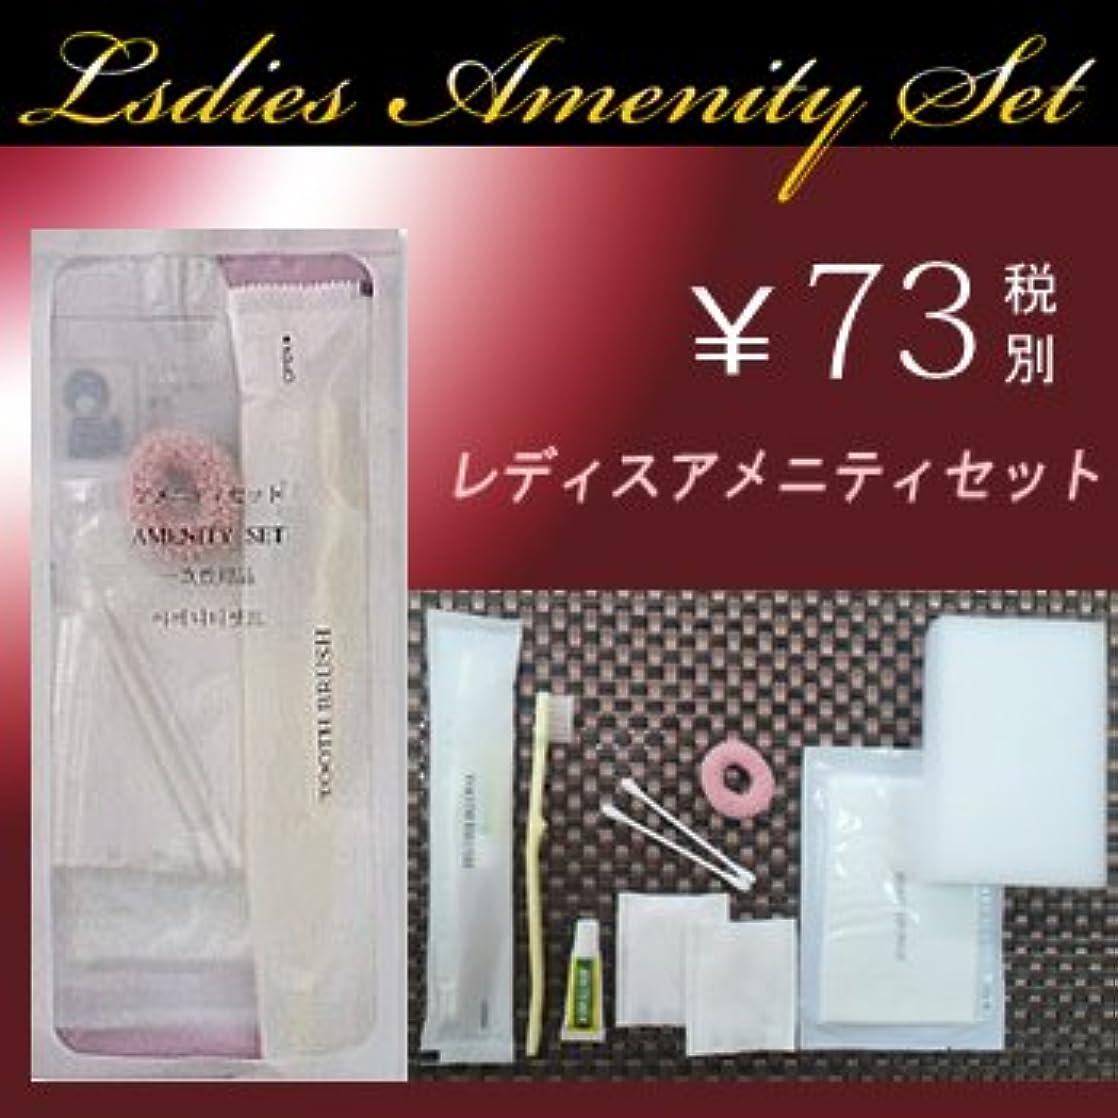 必需品待つバリーレディスアメニティフルセット袋入(1セット300個入)